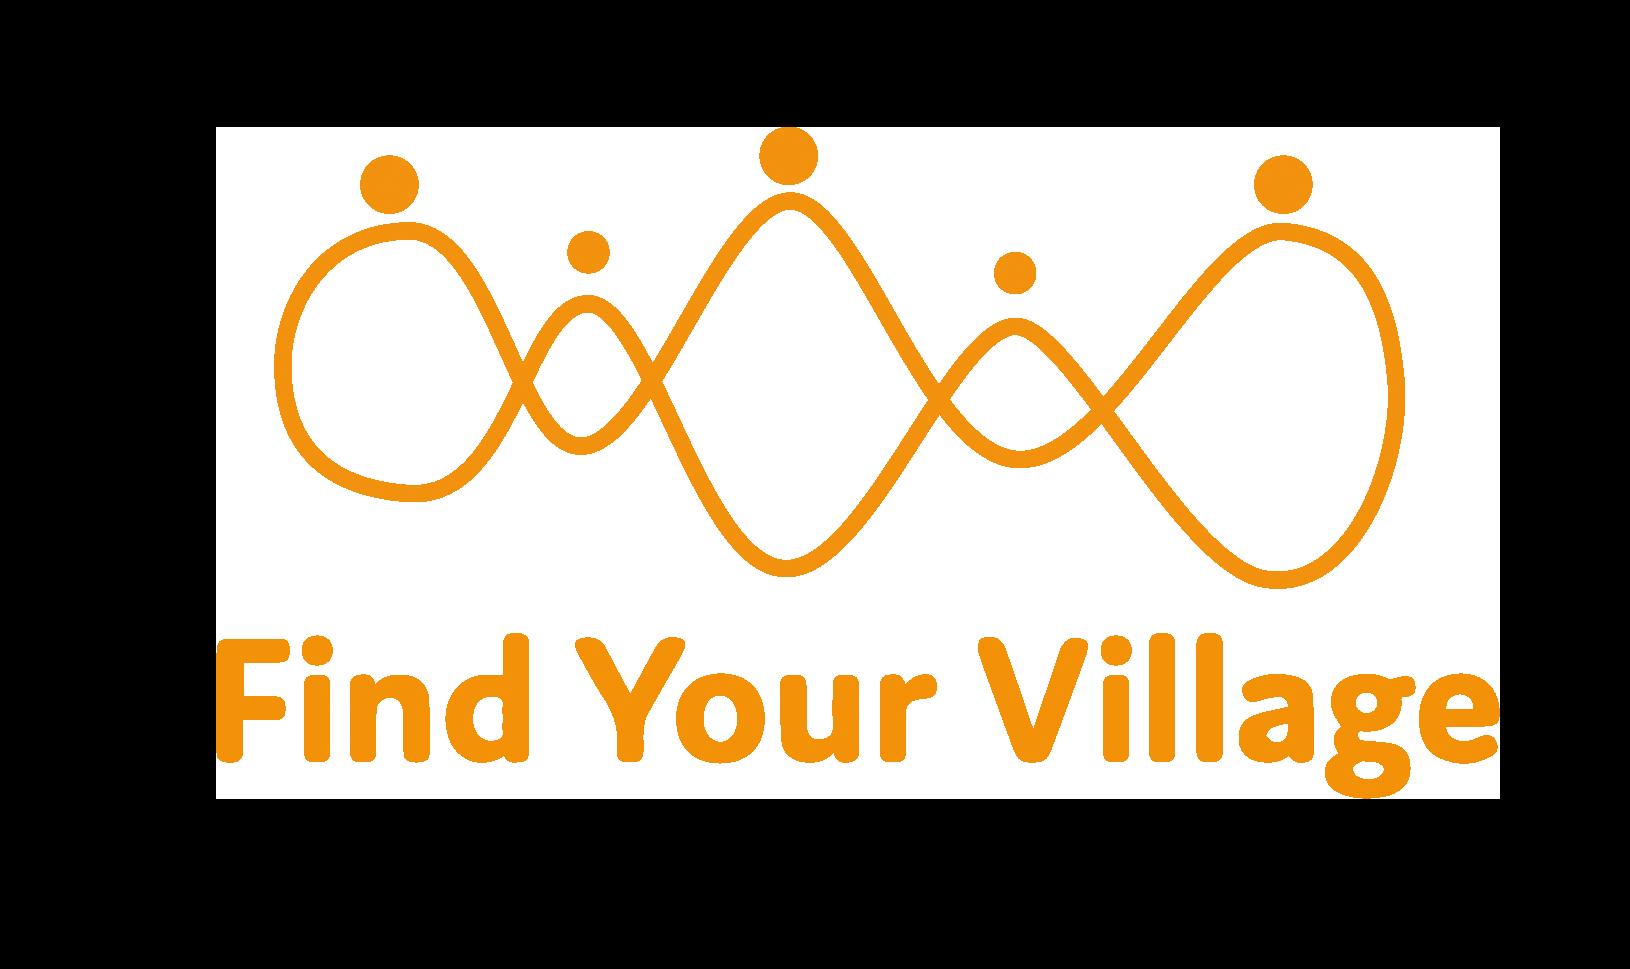 Find your Village Orange-05.png